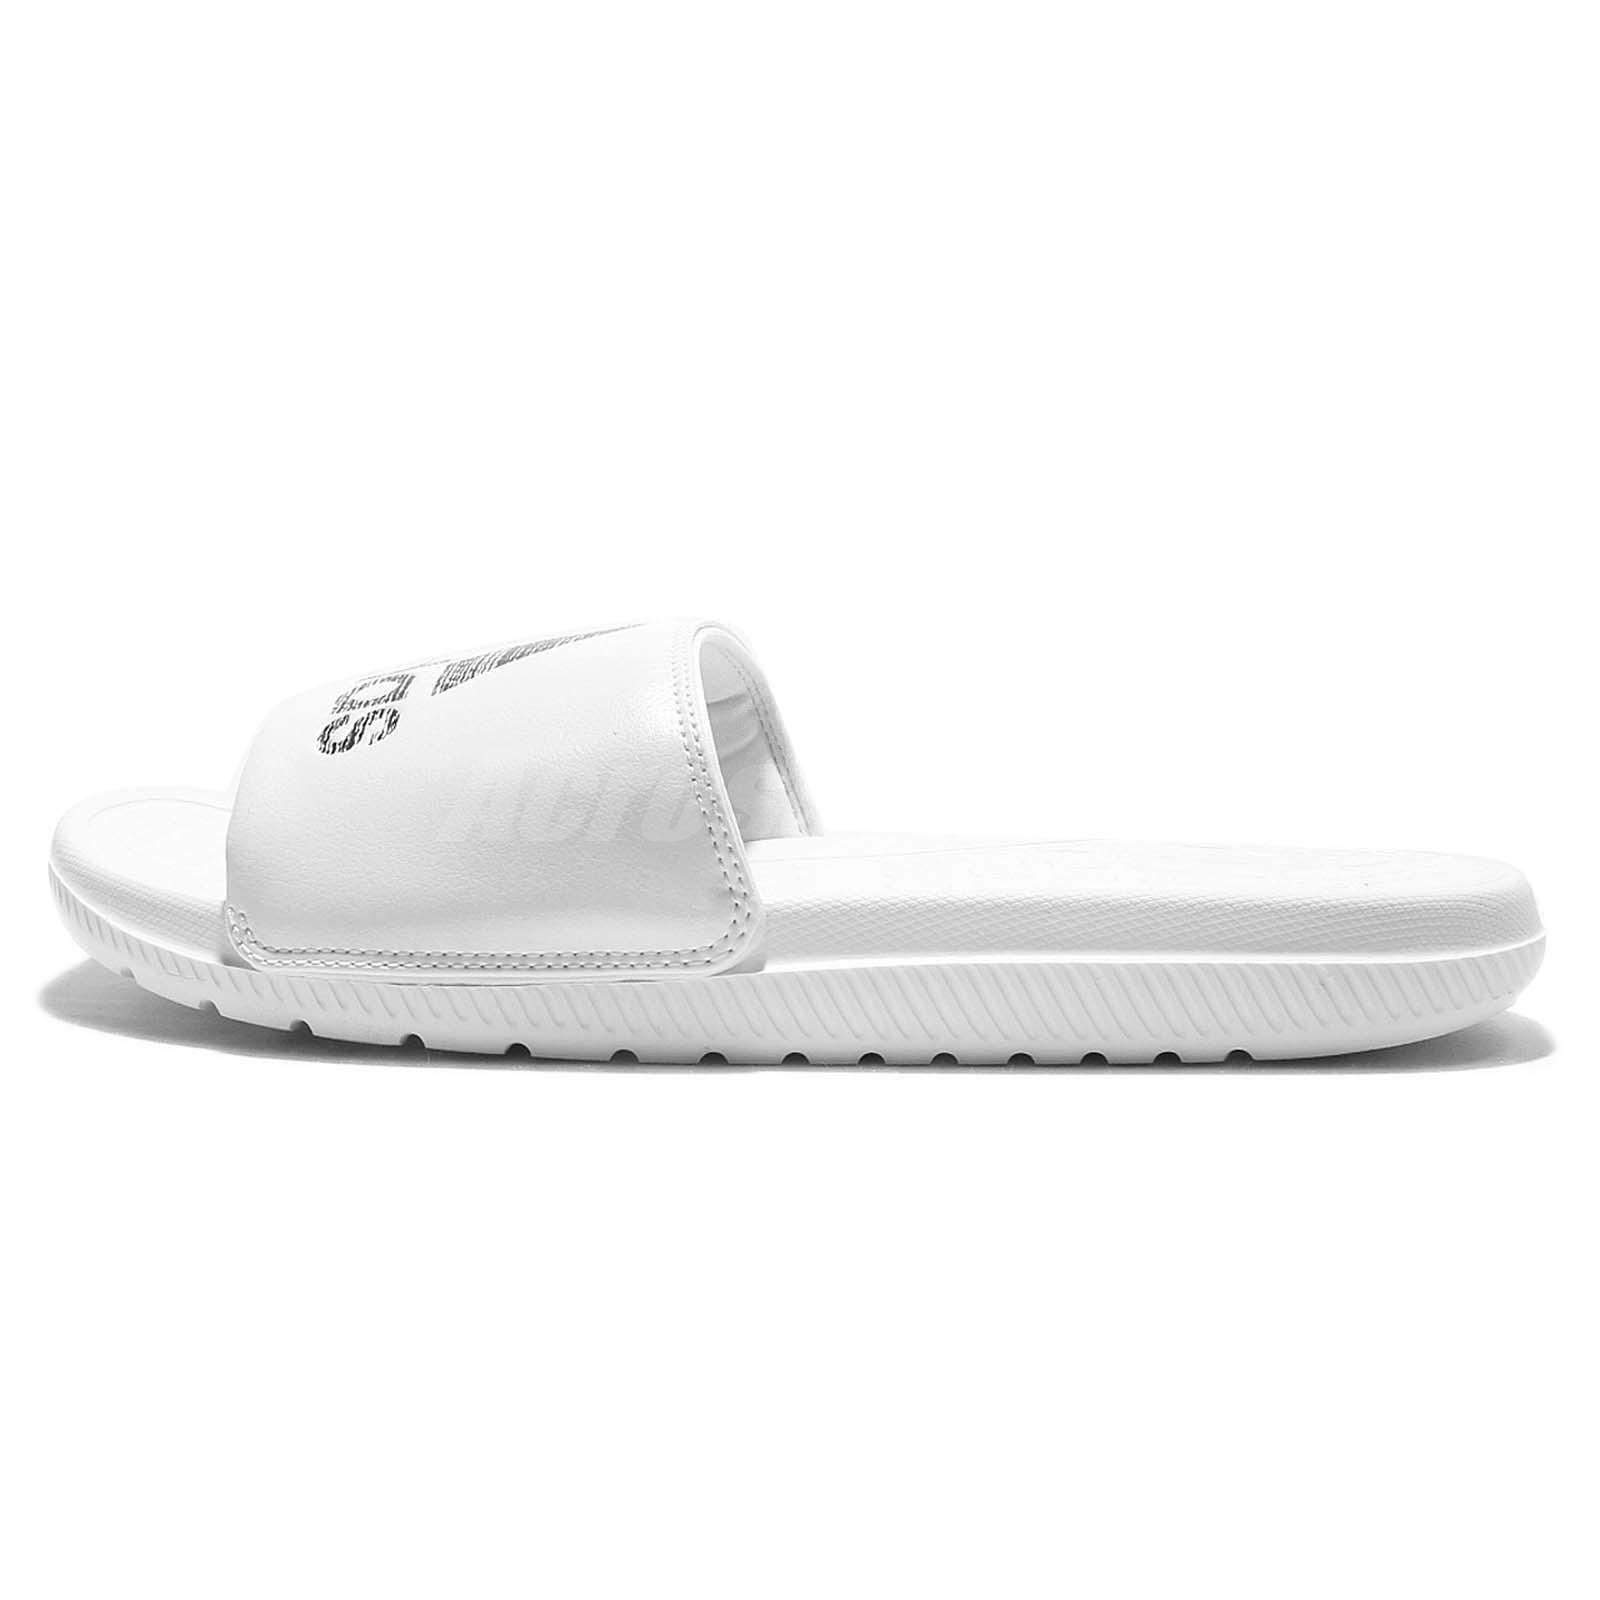 572f77326909 adidas Voloomix White Black Men Sandal Slippers Slides S80406